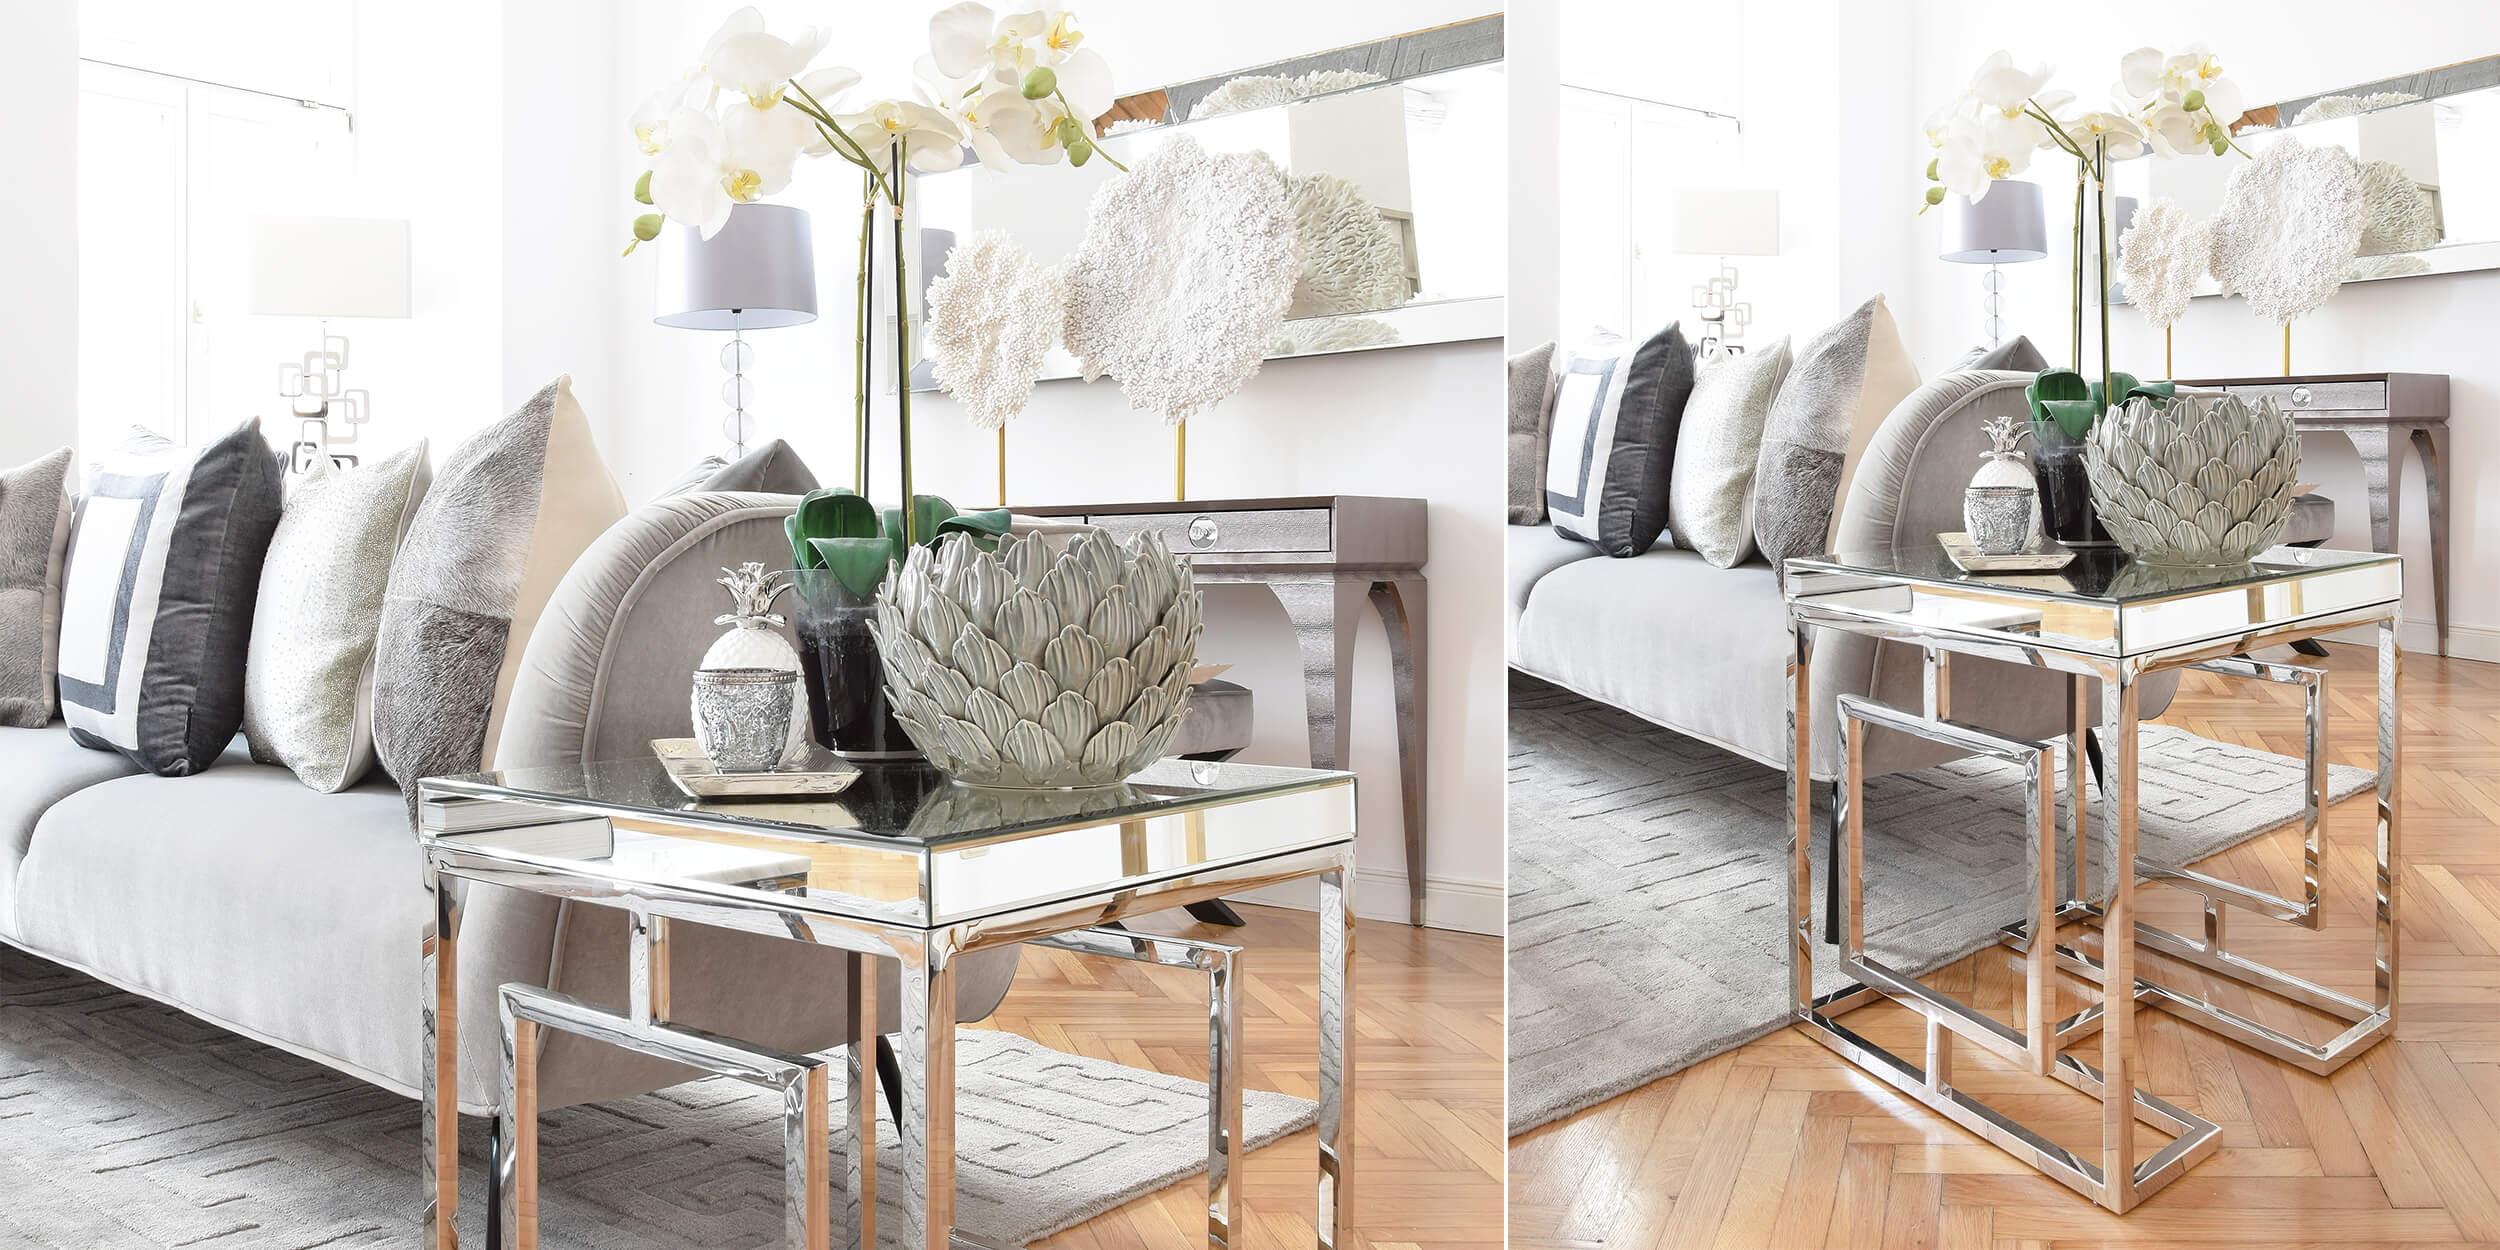 wohnzimmer deko rosa grau weiss – caseconrad